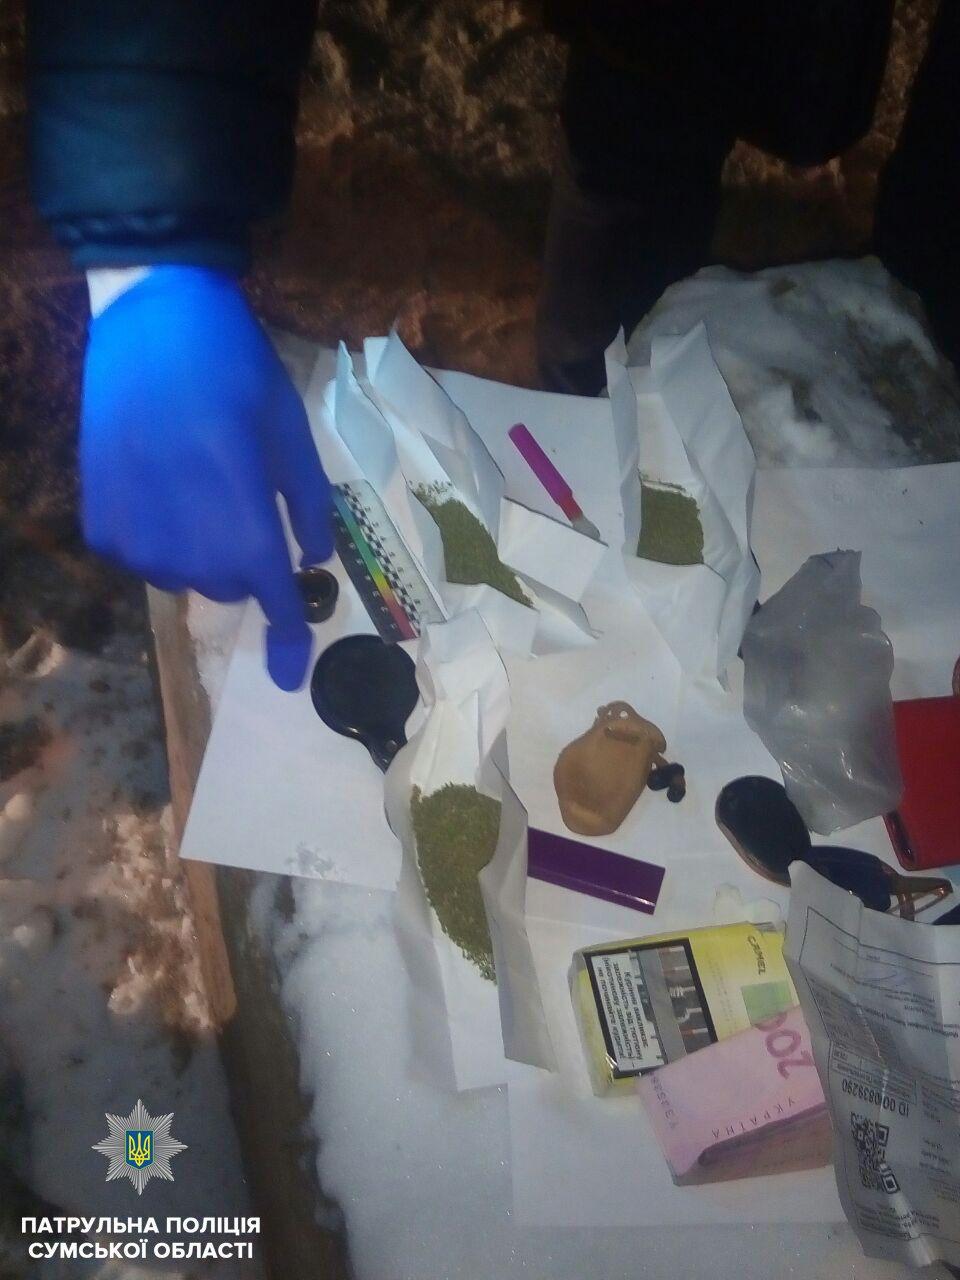 В Сумах остановили пьяного водителя без прав и с наркотиками, фото-2